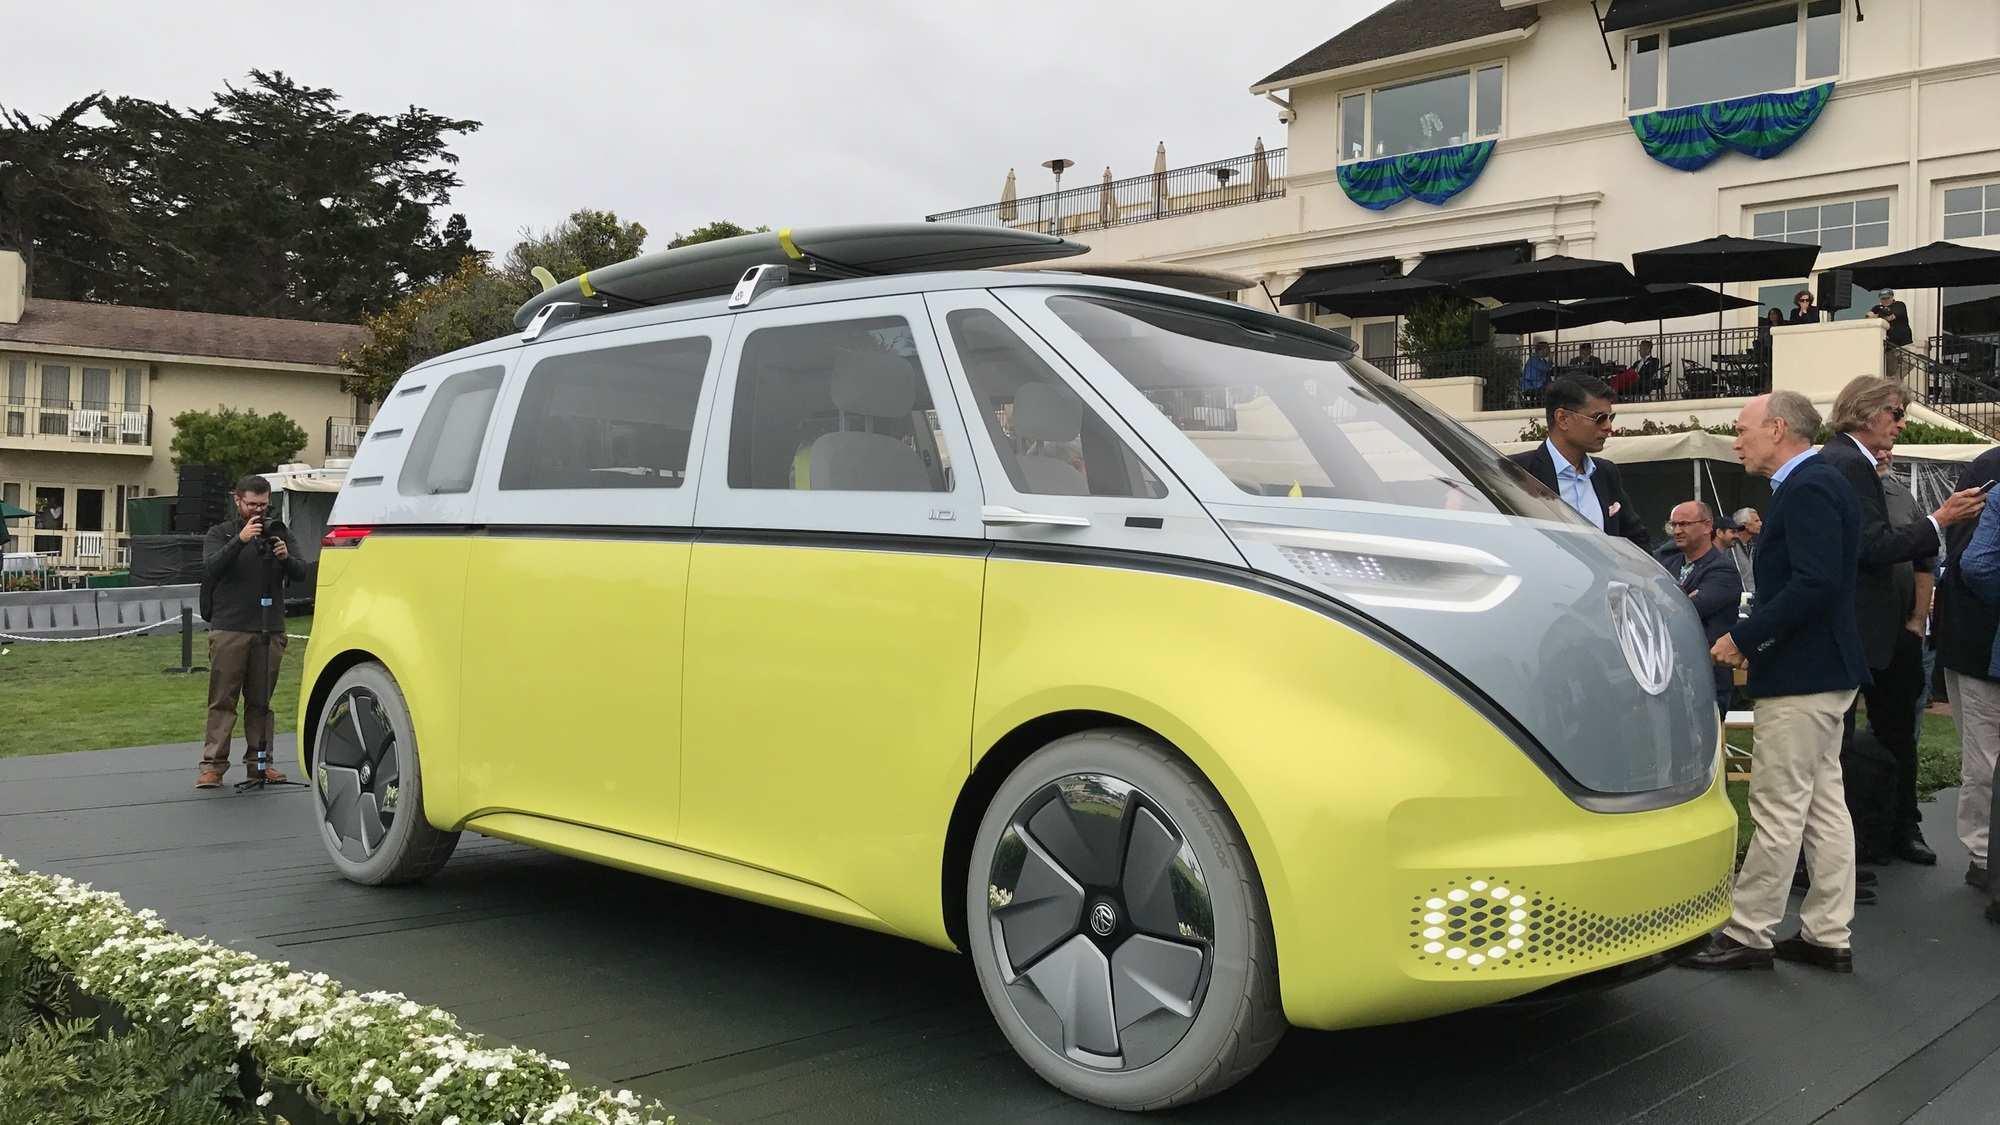 55 New 2020 VW Bulli 2018 New Review for 2020 VW Bulli 2018